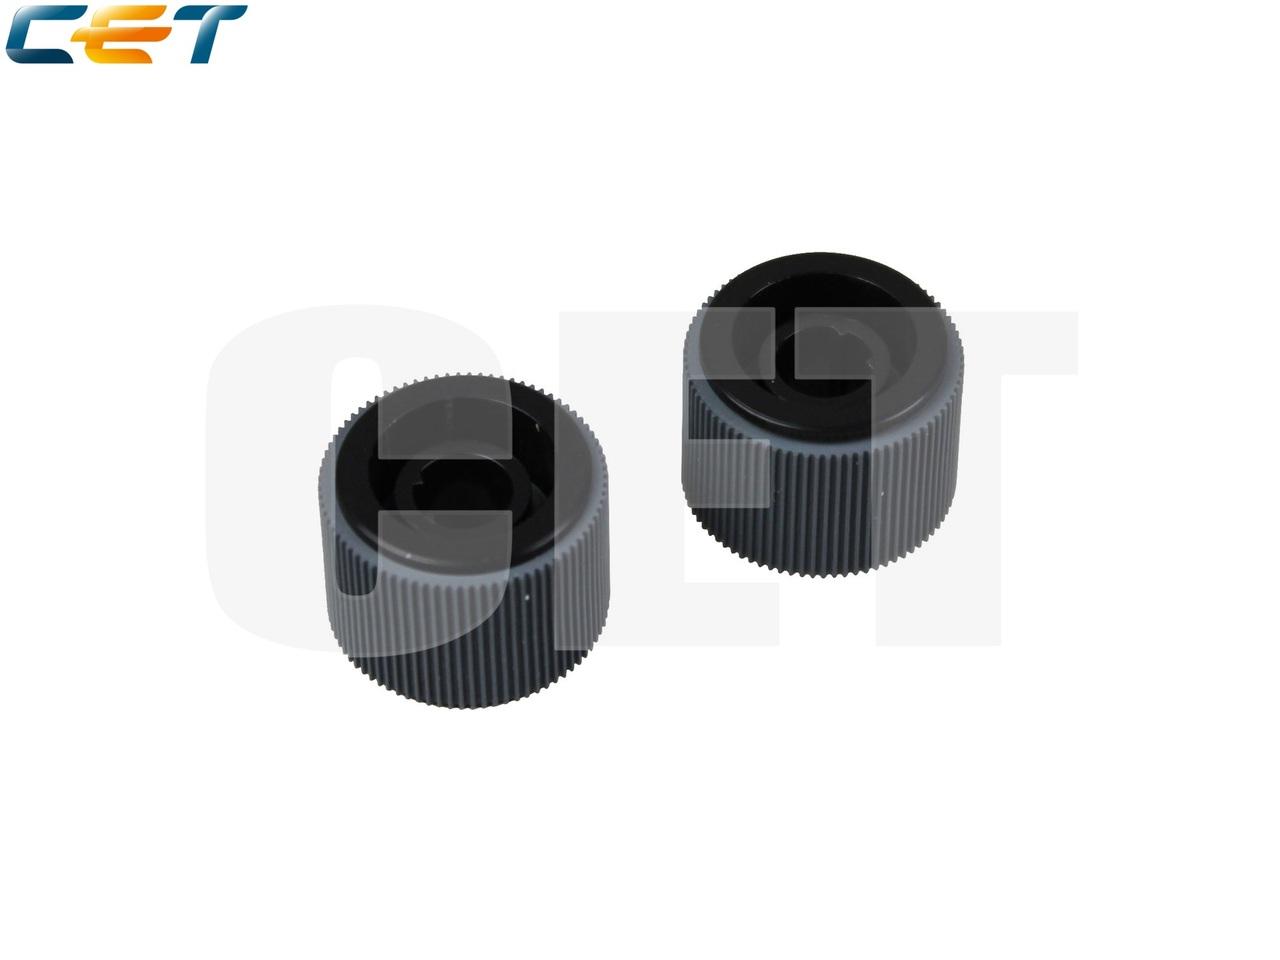 Комплект роликов подхвата лотка/ADF 40X7774, 40X7593 дляLEXMARKMX710/MX711/MX810/MX811/MX812/MS810/MS811/MS812(CET), 2 шт/компл, CET2836